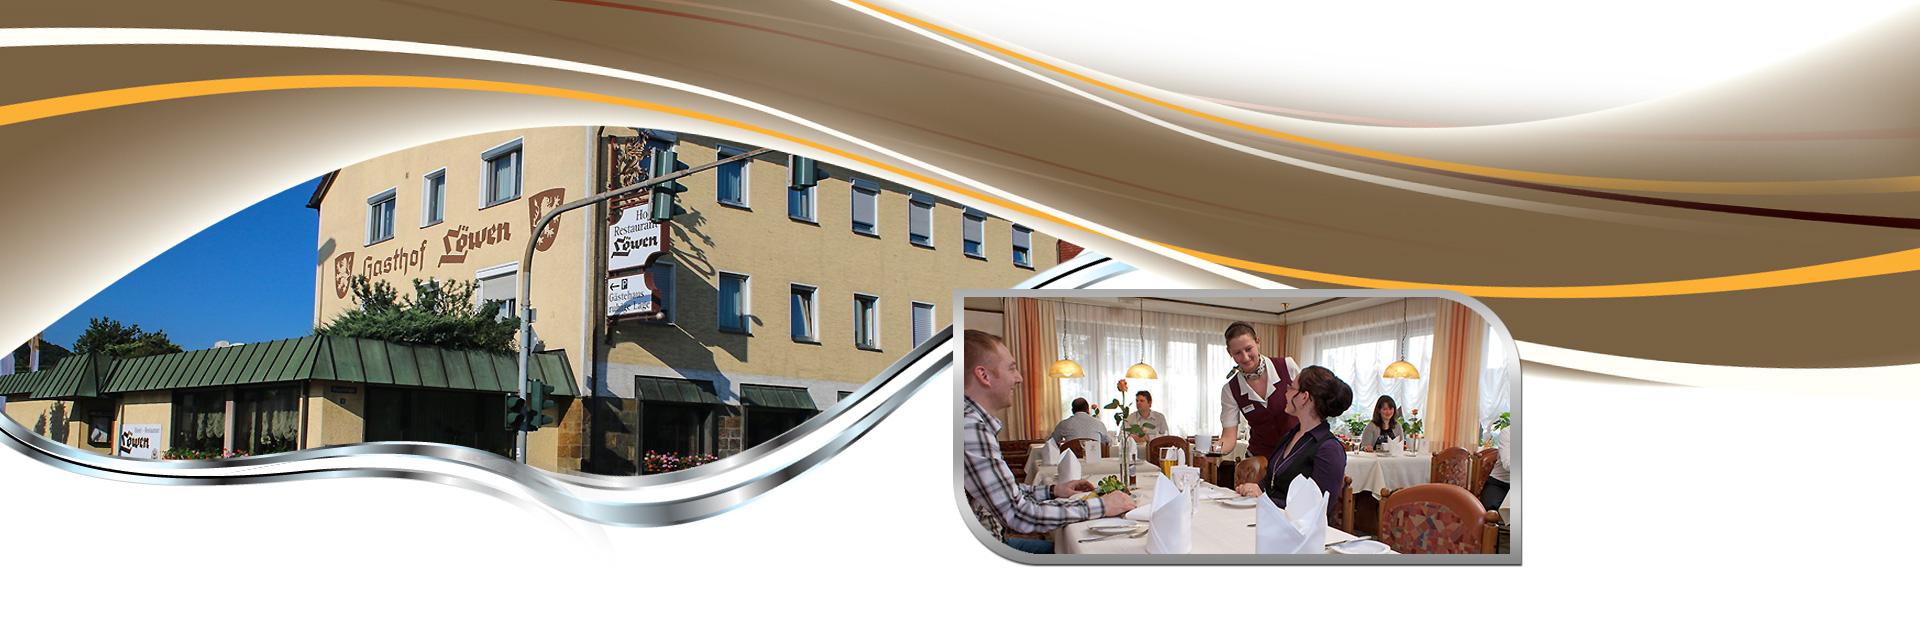 Weihnachtsfeier Ulm.Checkliste Event Veranstaltung Party Weihnachtsfeier Löwen